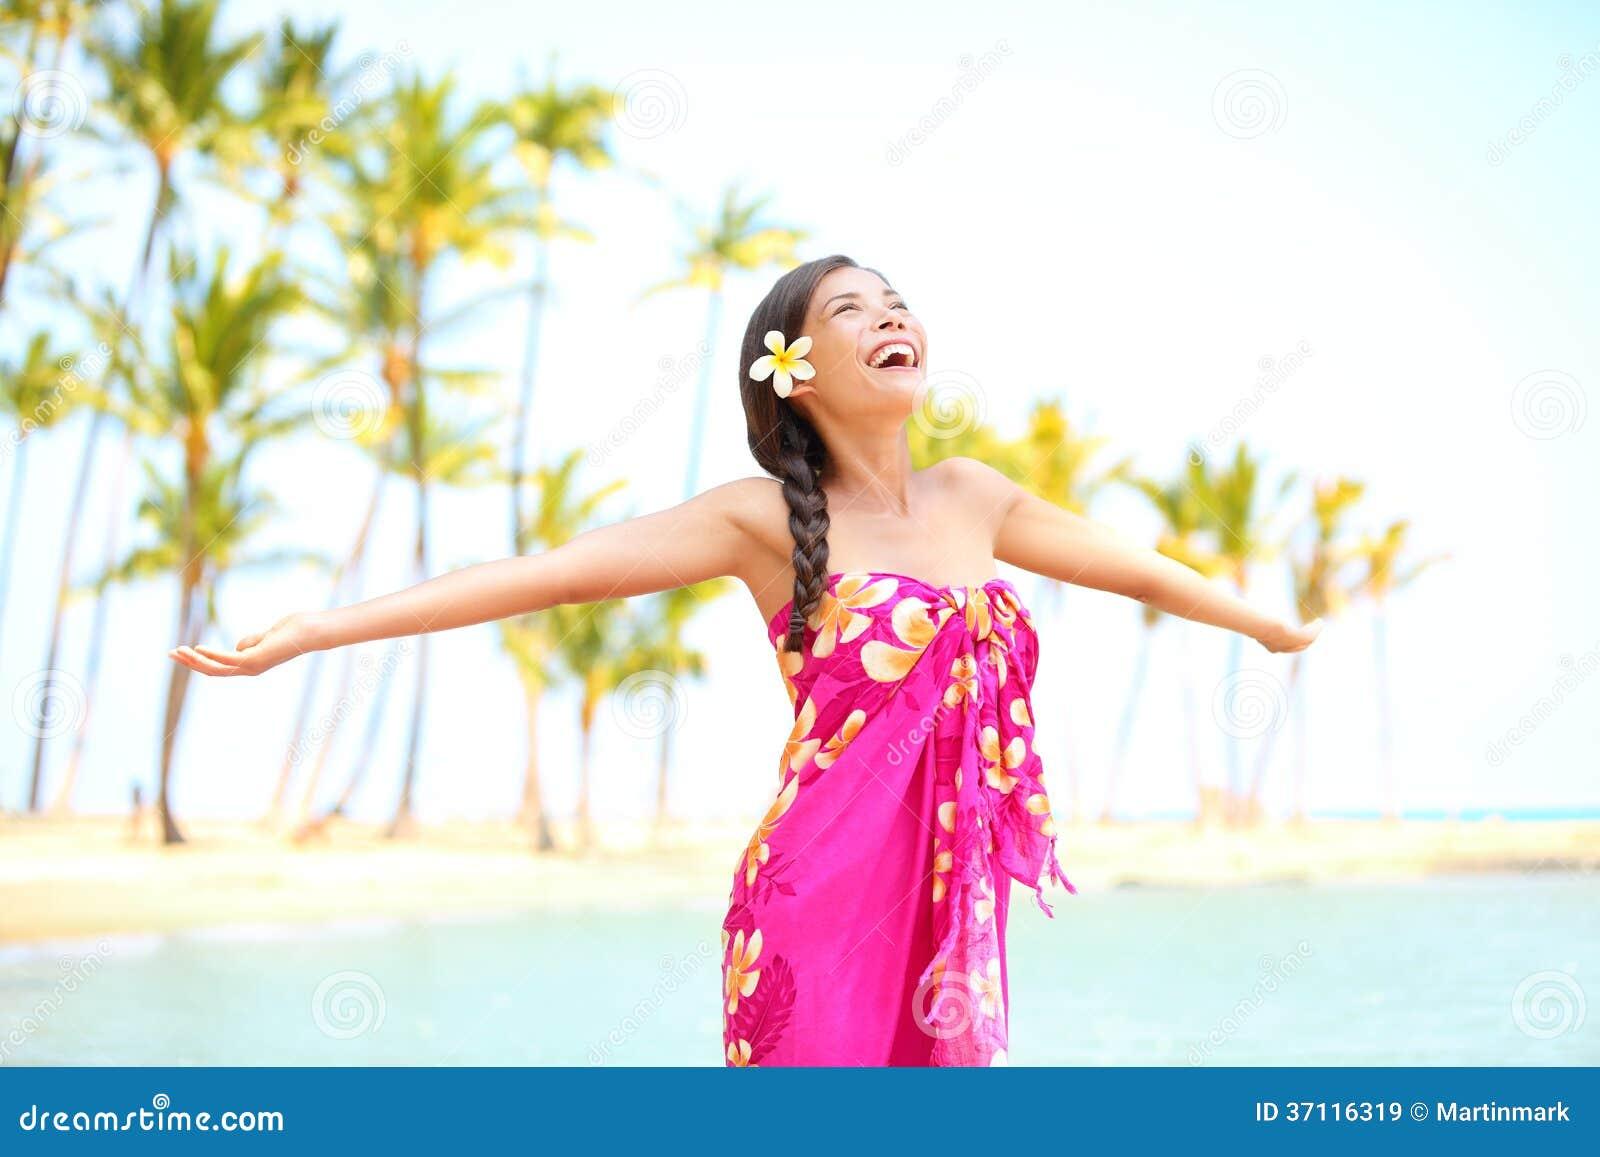 Ευτυχής γυναίκα που εγκωμιάζει την ελευθερία, Palm Beach στα σαρόγκ